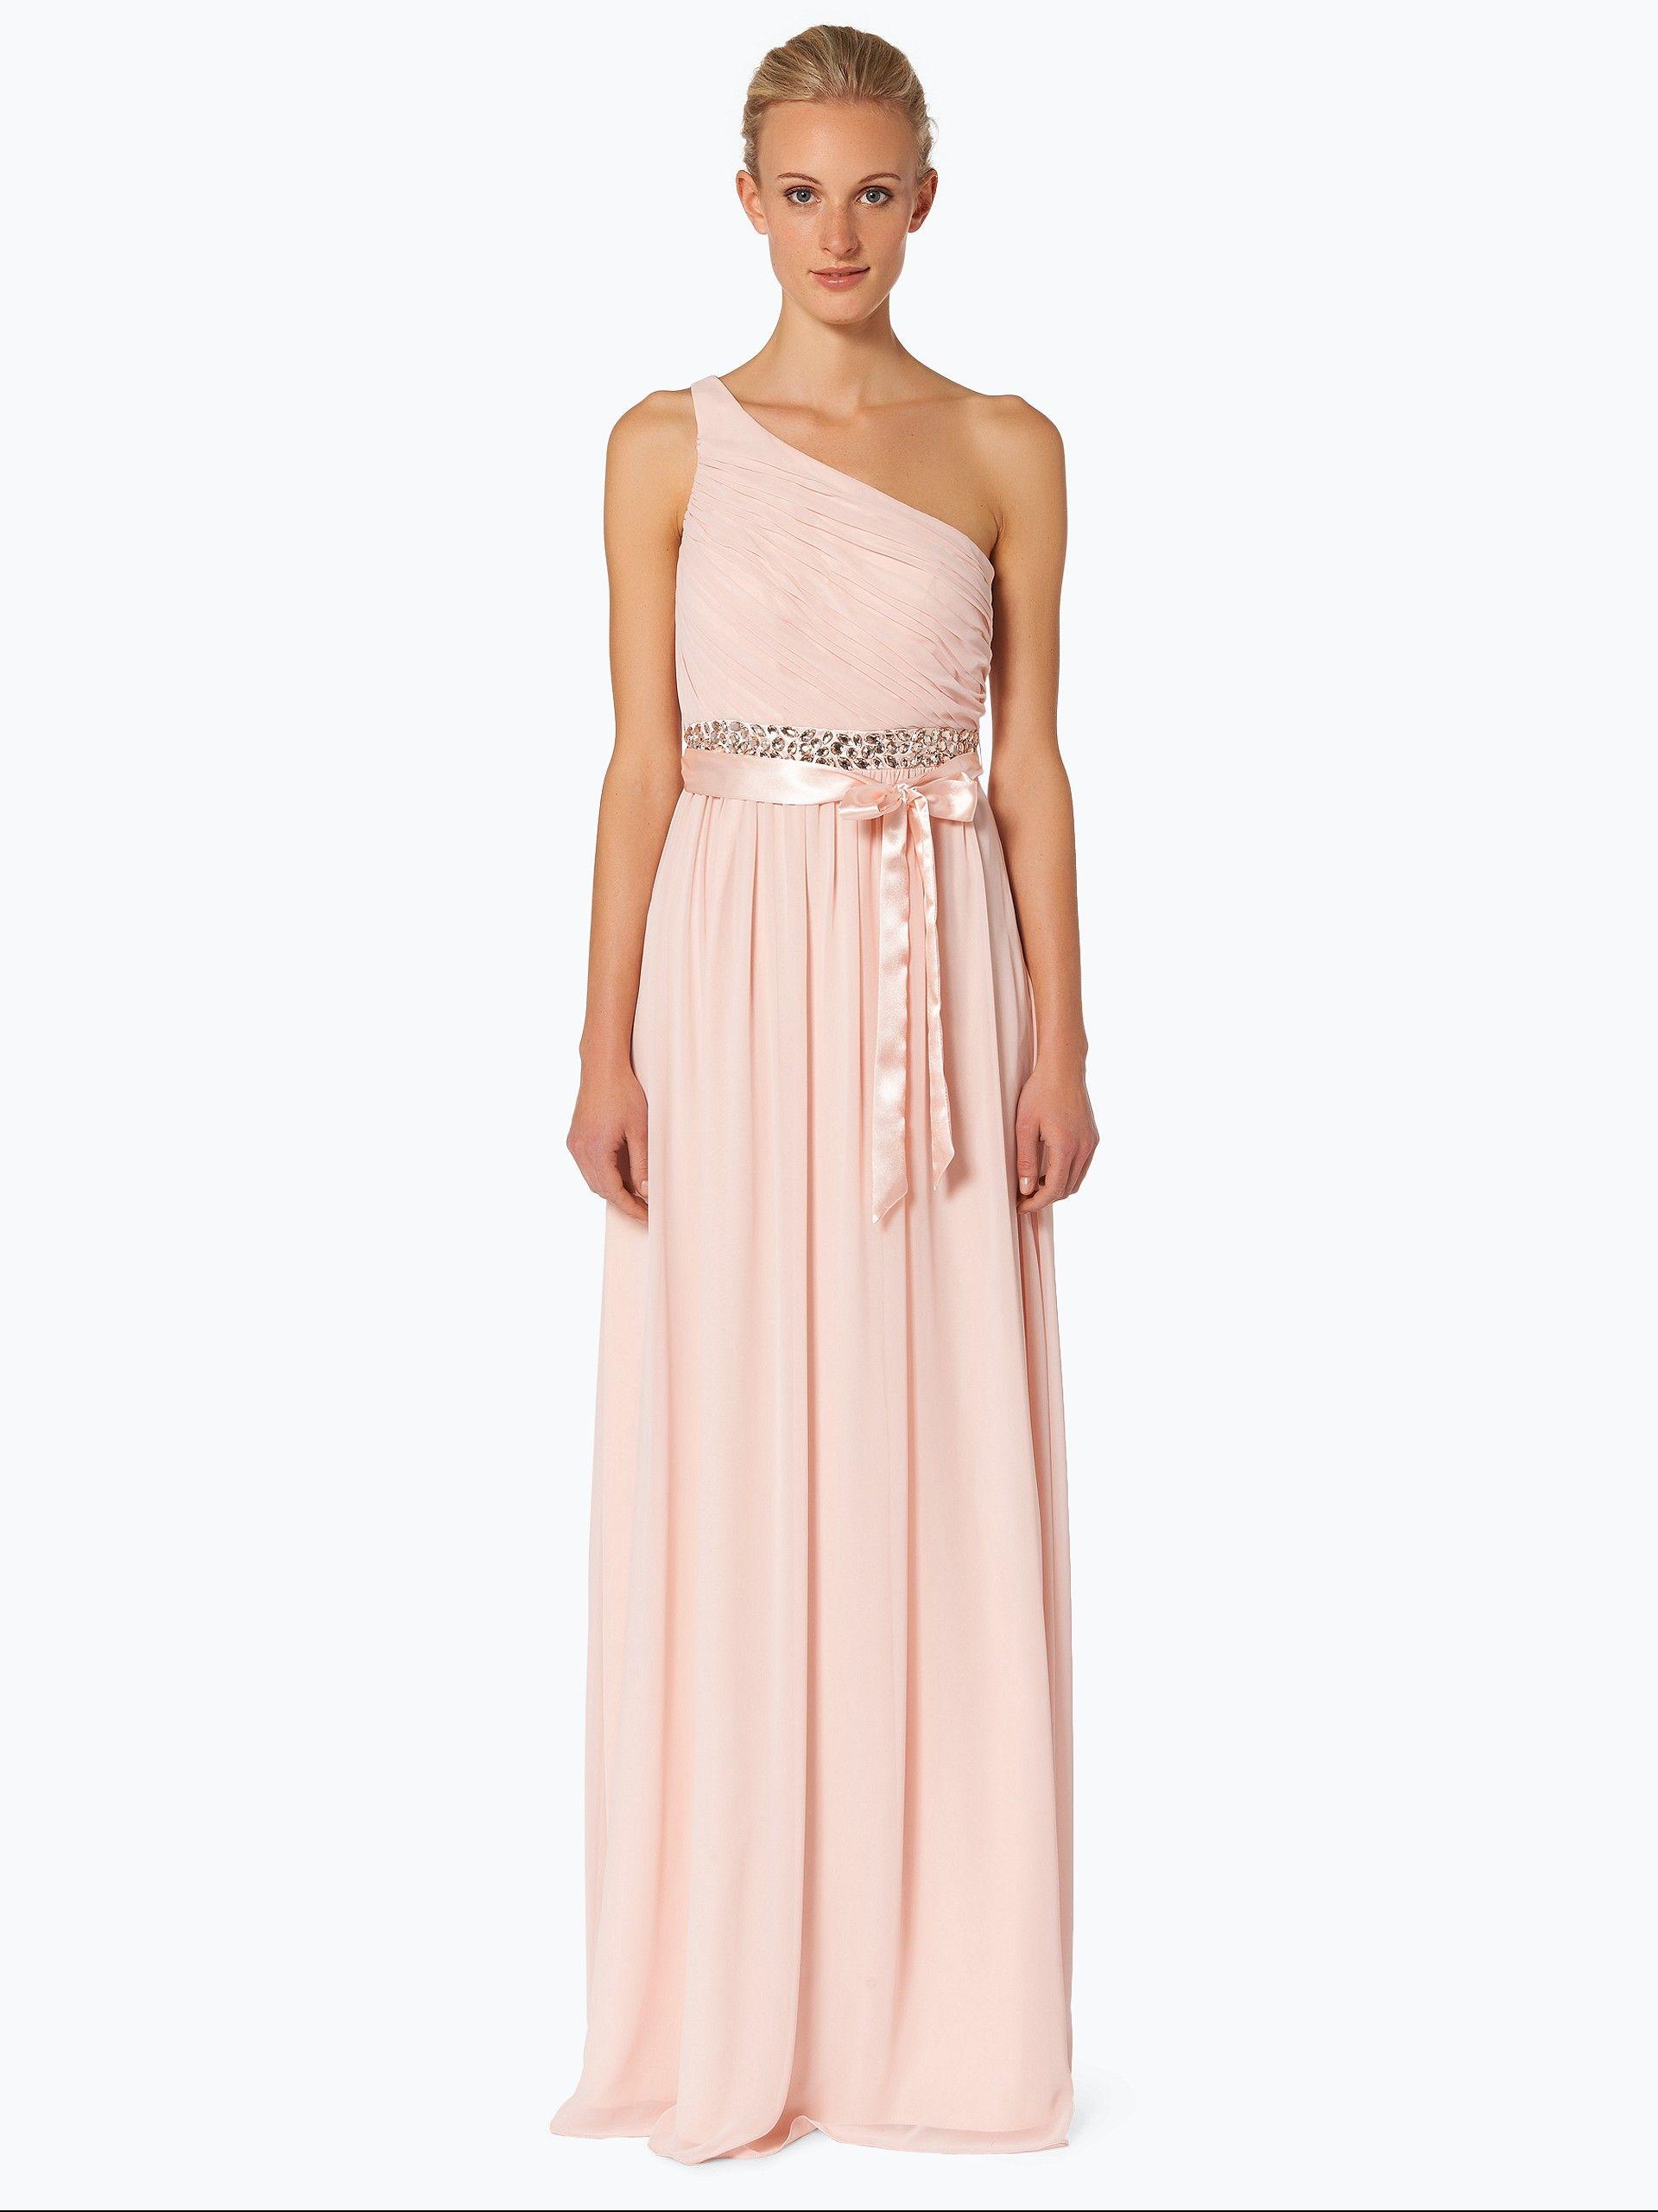 Damen Abendkleid Marie Lund (13,13 EURO)  Damen abendkleider